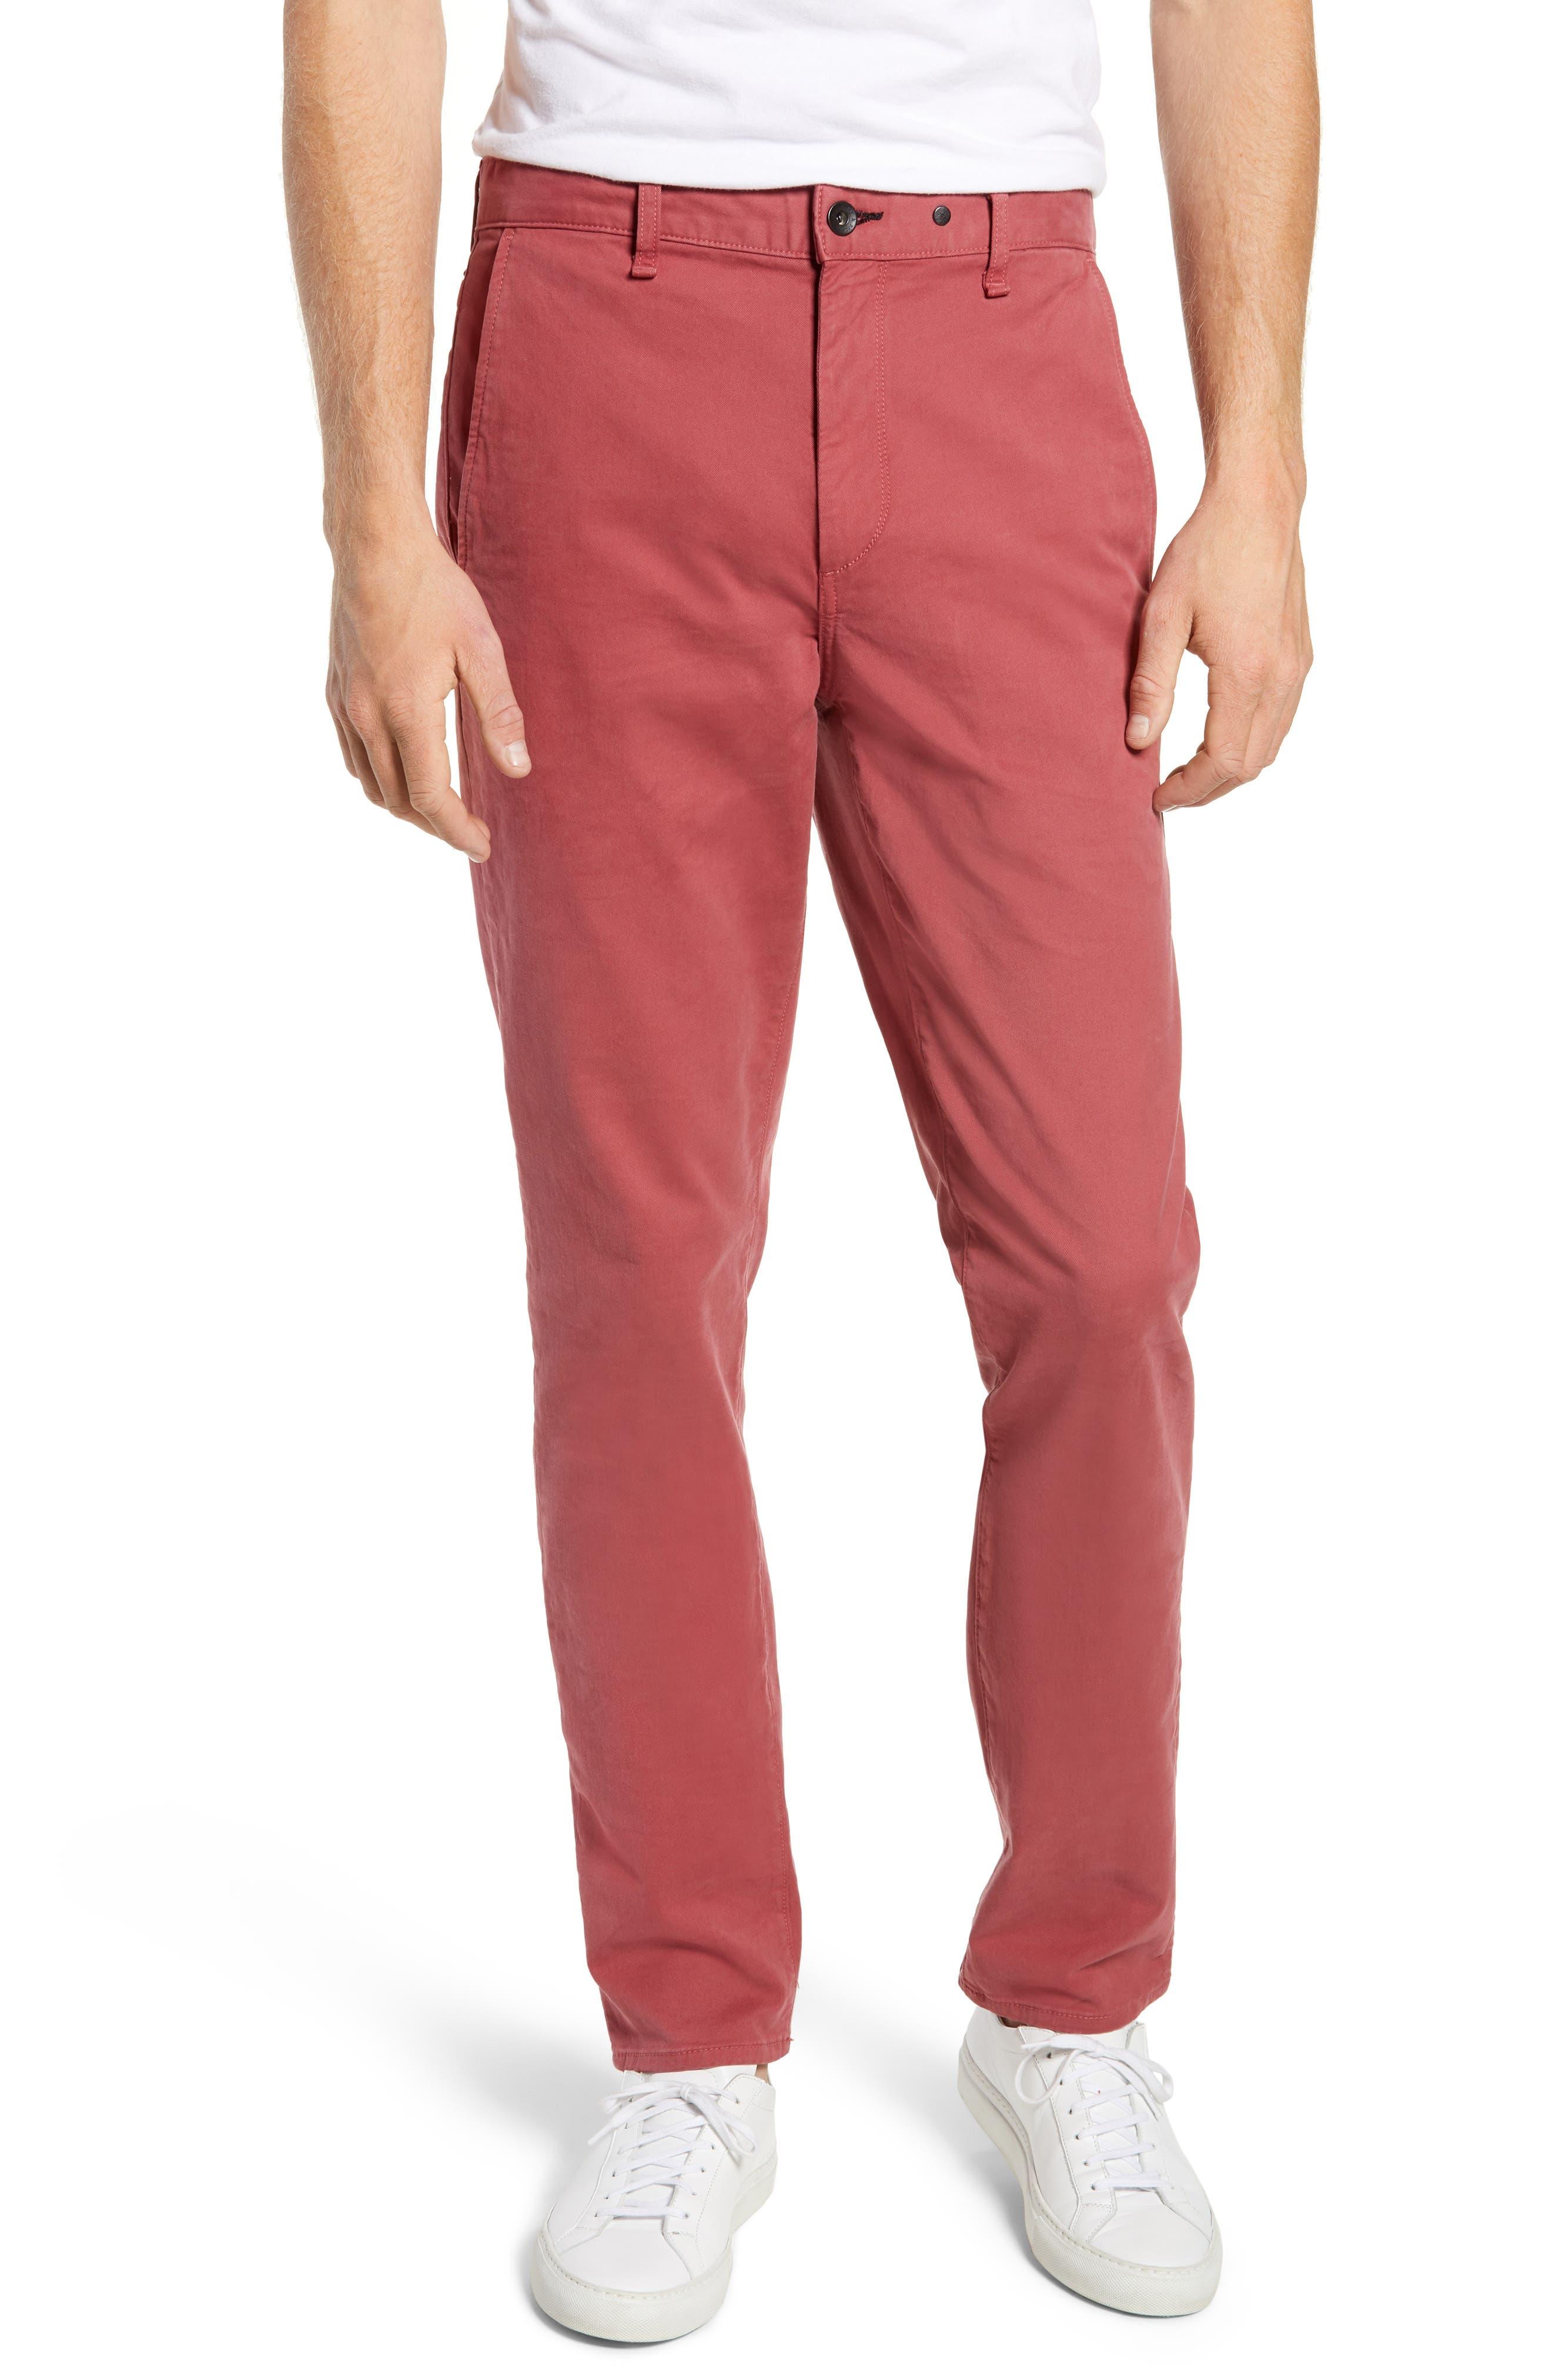 RAG & BONE Fit 2 Slim Fit Chinos, Main, color, ELLIS RED